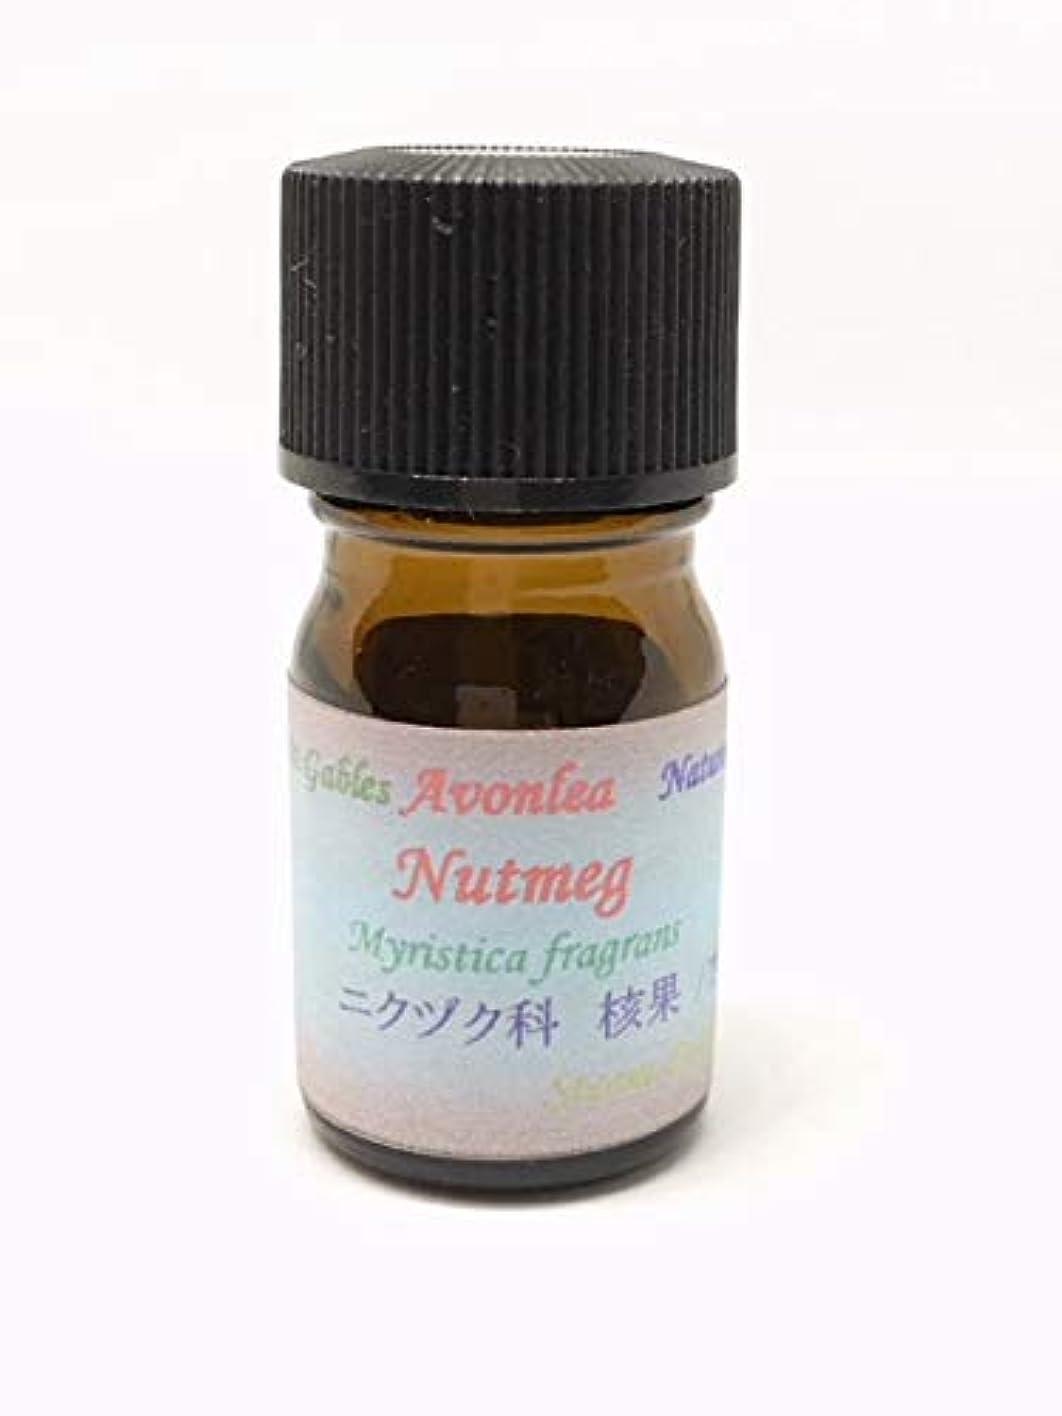 敏感な封筒指令ナツメグ 100% ピュア エッセンシャルオイル 高級精油 30ml Nutmeg